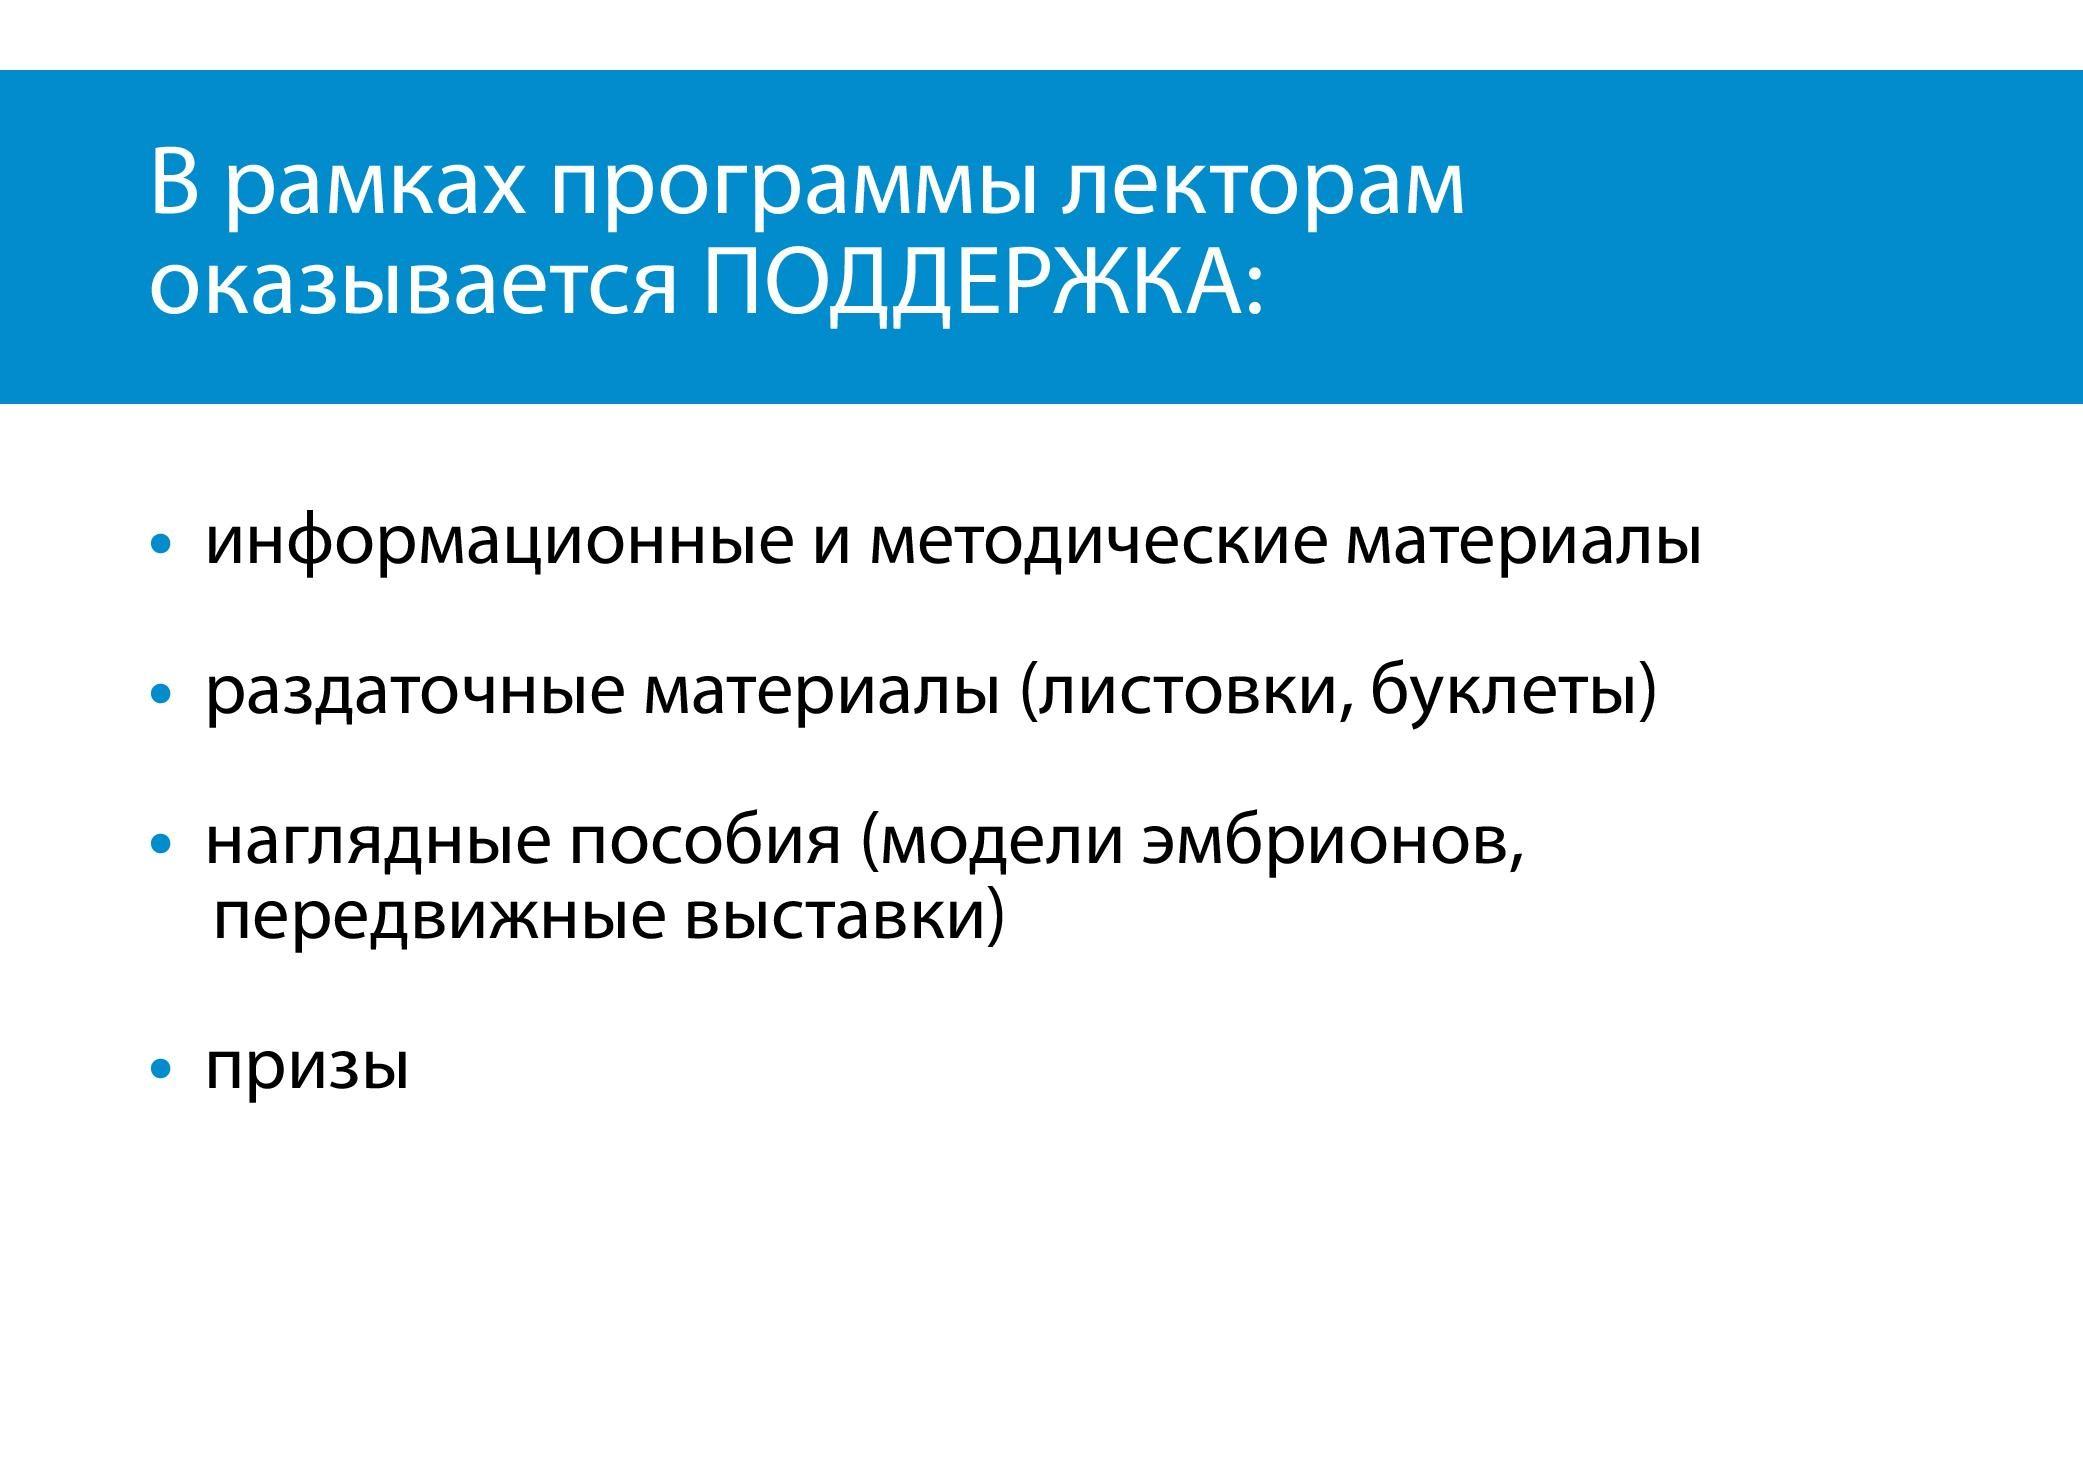 Казанский форум